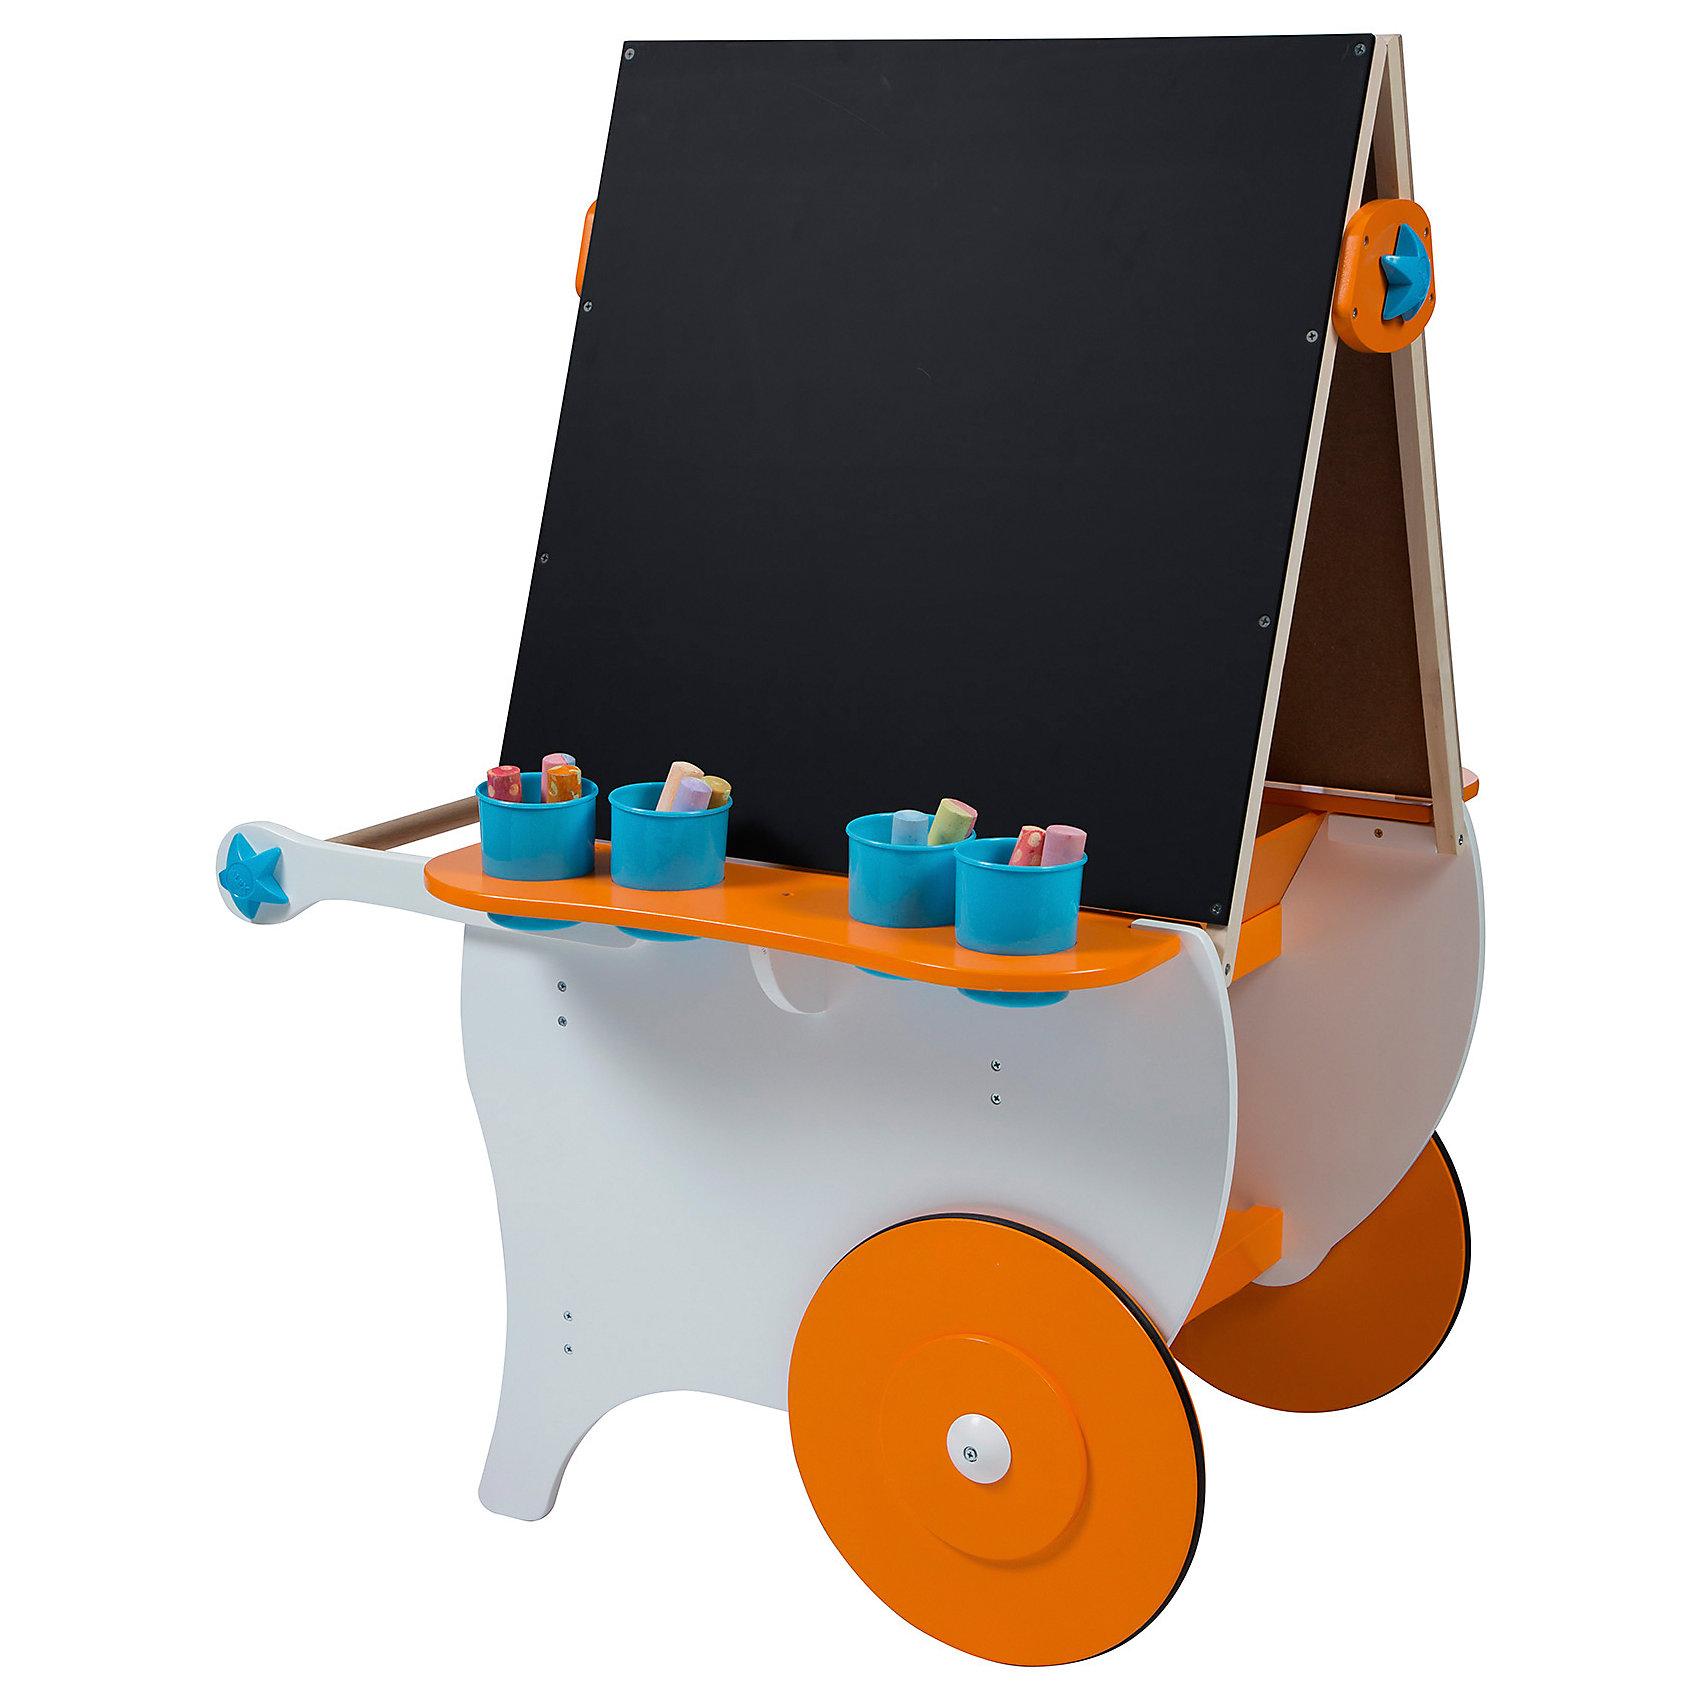 Центр для творчества Художники на колесах, ALEXБольшой центр для детского творчества - эта целая мастерская по воплощению самых невероятных сюжетов и фантазий! Двухсторонний мольберт с магнитной стороной и поверхностью для рисования мелом позволит вашему ребенку полностью выразить себя в изобразительном искусстве. Две объемные внутренние полки для хранения принадлежностей позволят разместить все нужные инструменты. Большие ножки надежно обеспечат устойчивость, с помощью удобной ручки ребенок сможет сам перекатывать центр. Центр имеет два больших колеса, благодаря которым ребенок сможет с лёгкостью перемещать его, куда угодно. <br><br>Дополнительная информация:<br><br>- Материал: дерево, пластик. <br>- Комплектация: центр на колесах, 4 емкости под инструменты. <br>- Размер в собранном виде: 78х111х74 см.<br>- Колеса с резиновыми вставками не царапают пол. <br><br>Центр для творчества Художники на колесах ALEX, можно купить в нашем магазине.<br><br>Ширина мм: 58<br>Глубина мм: 15<br>Высота мм: 84<br>Вес г: 17690<br>Возраст от месяцев: 36<br>Возраст до месяцев: 84<br>Пол: Унисекс<br>Возраст: Детский<br>SKU: 4347886